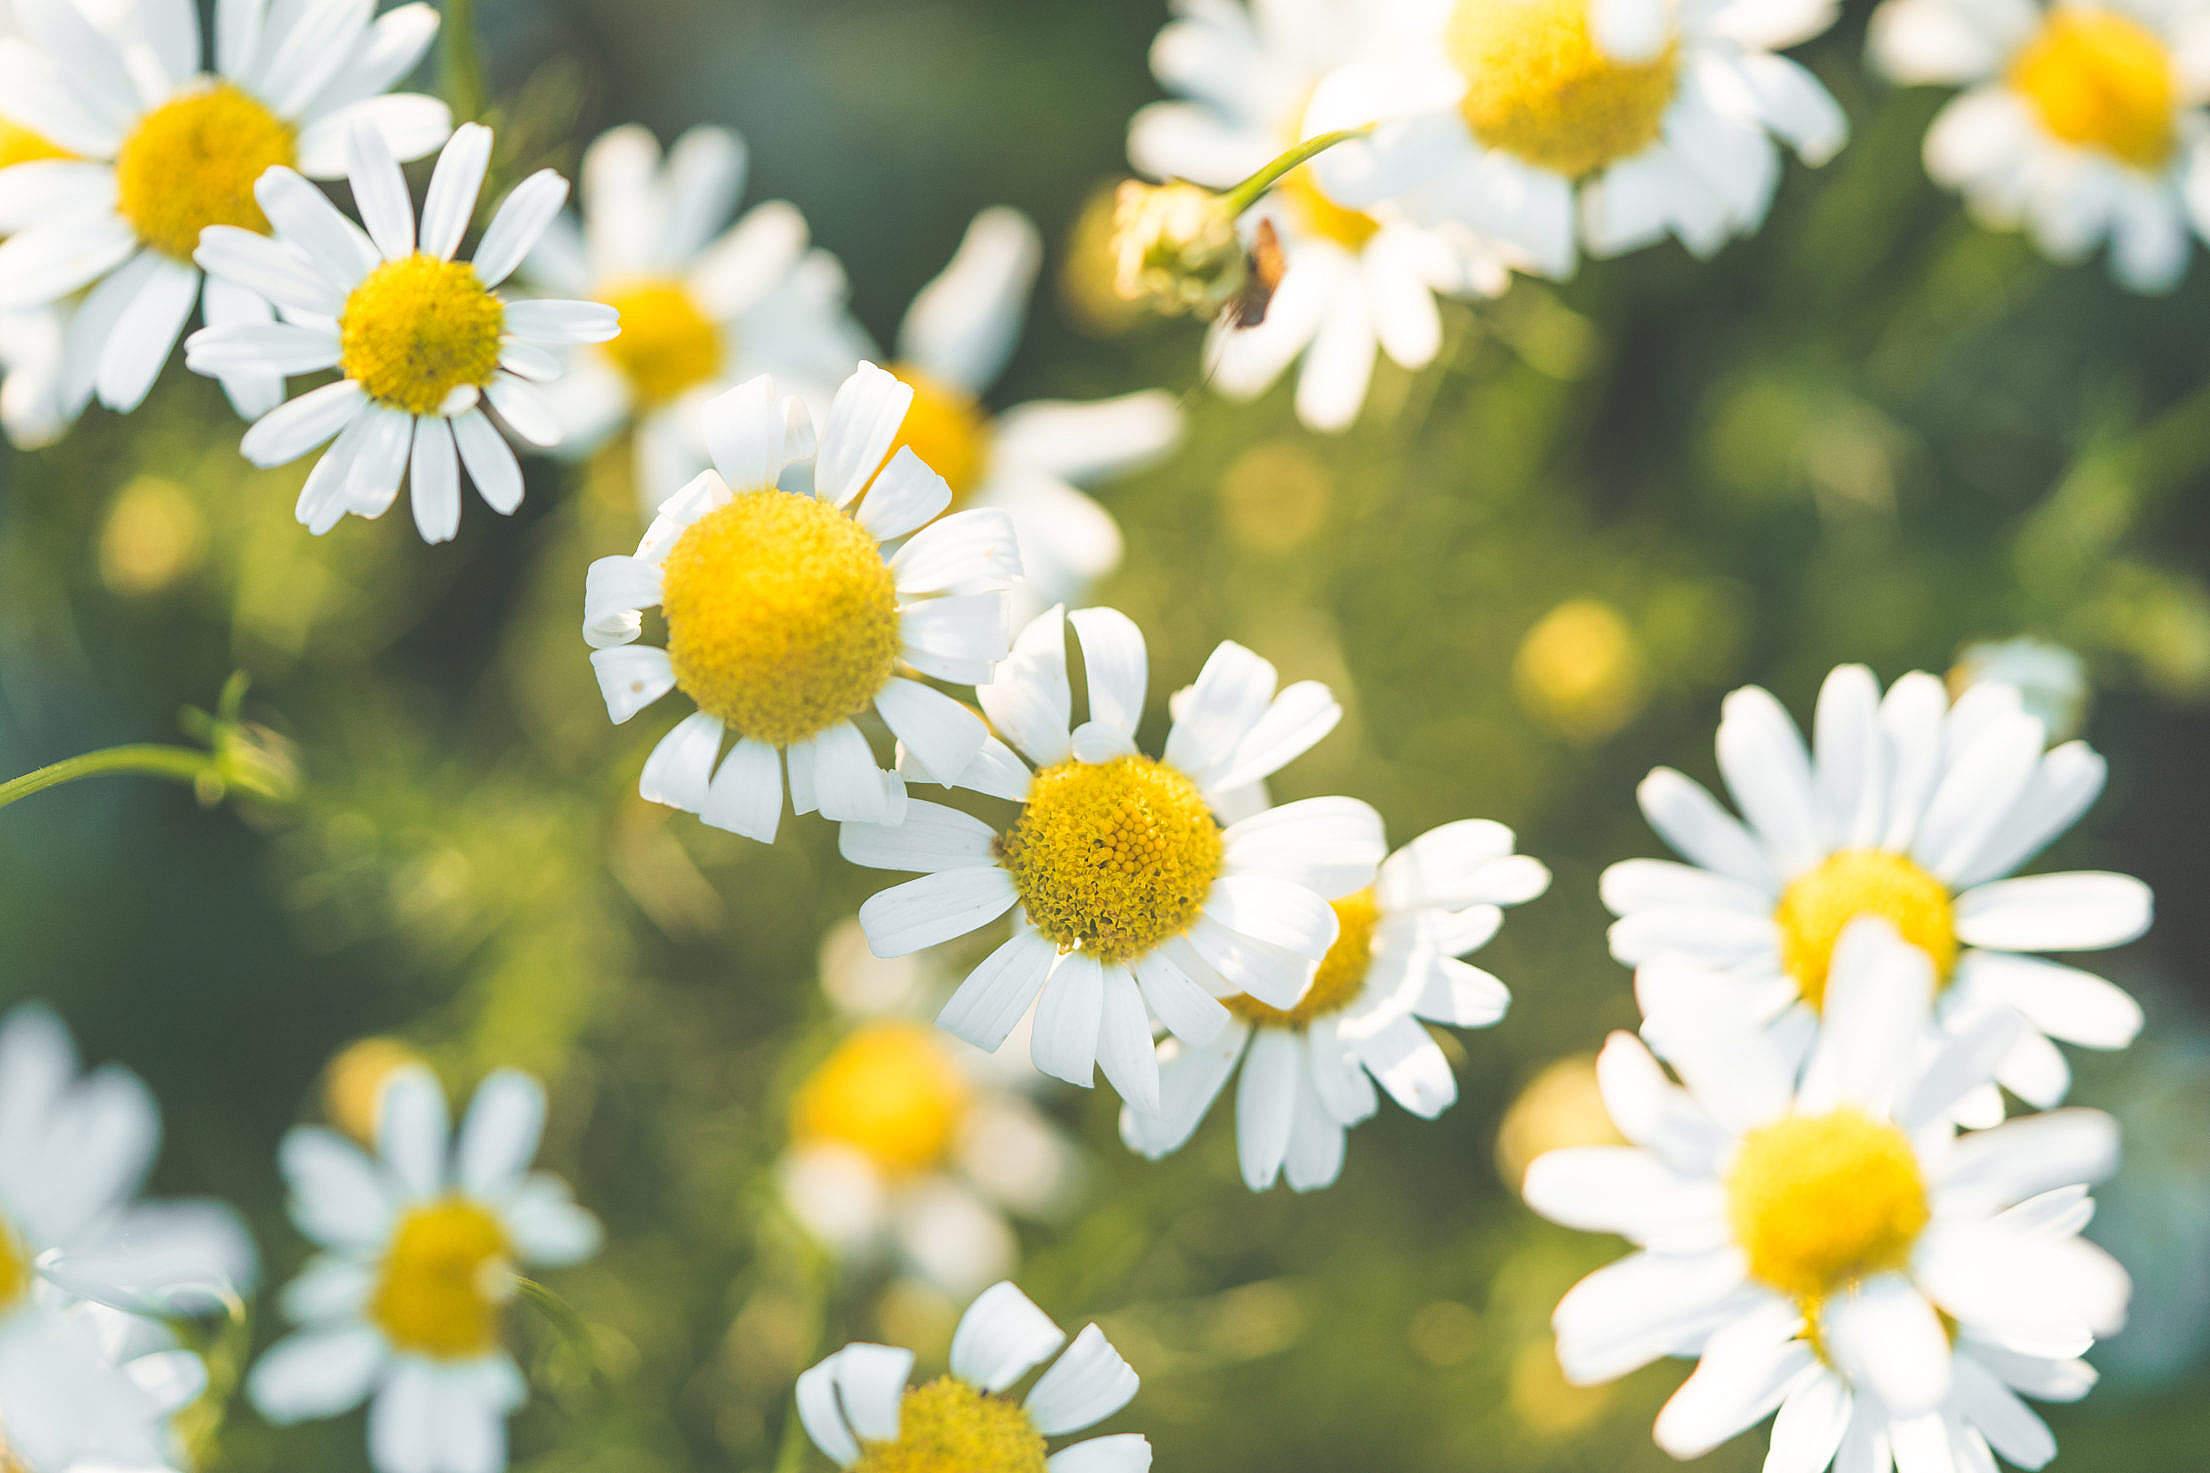 Daisy Flowers Free Stock Photo